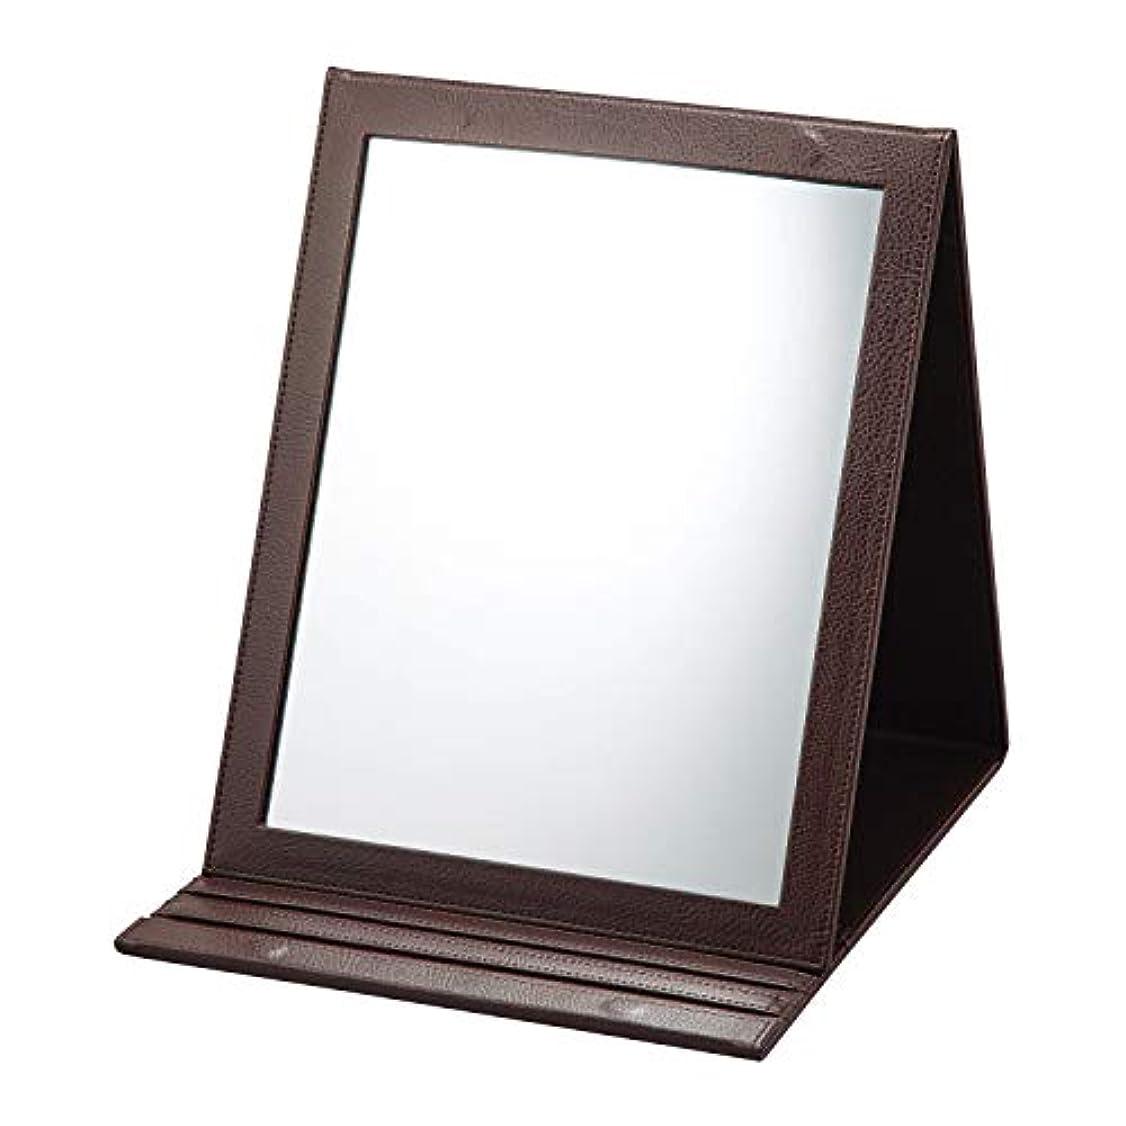 著名な闘争怪物折立鏡デカミラー 角度調整5段階 卓上 A4サイズ メイク 化粧 おりたたみ